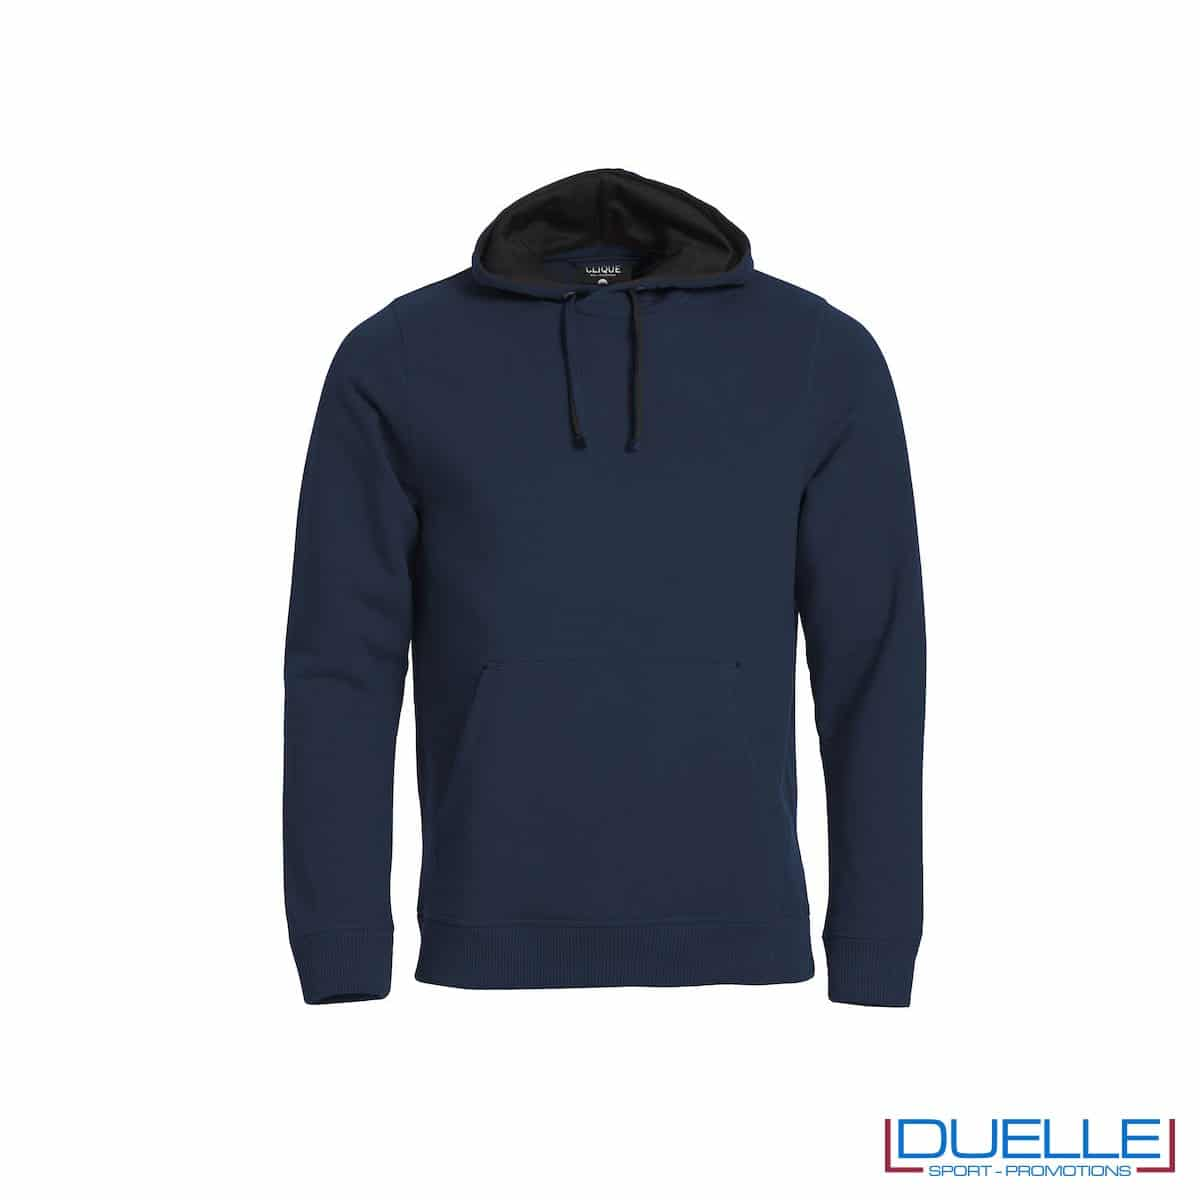 Felpa con cappuccio foderato e marsupio personalizzata colore blu navy